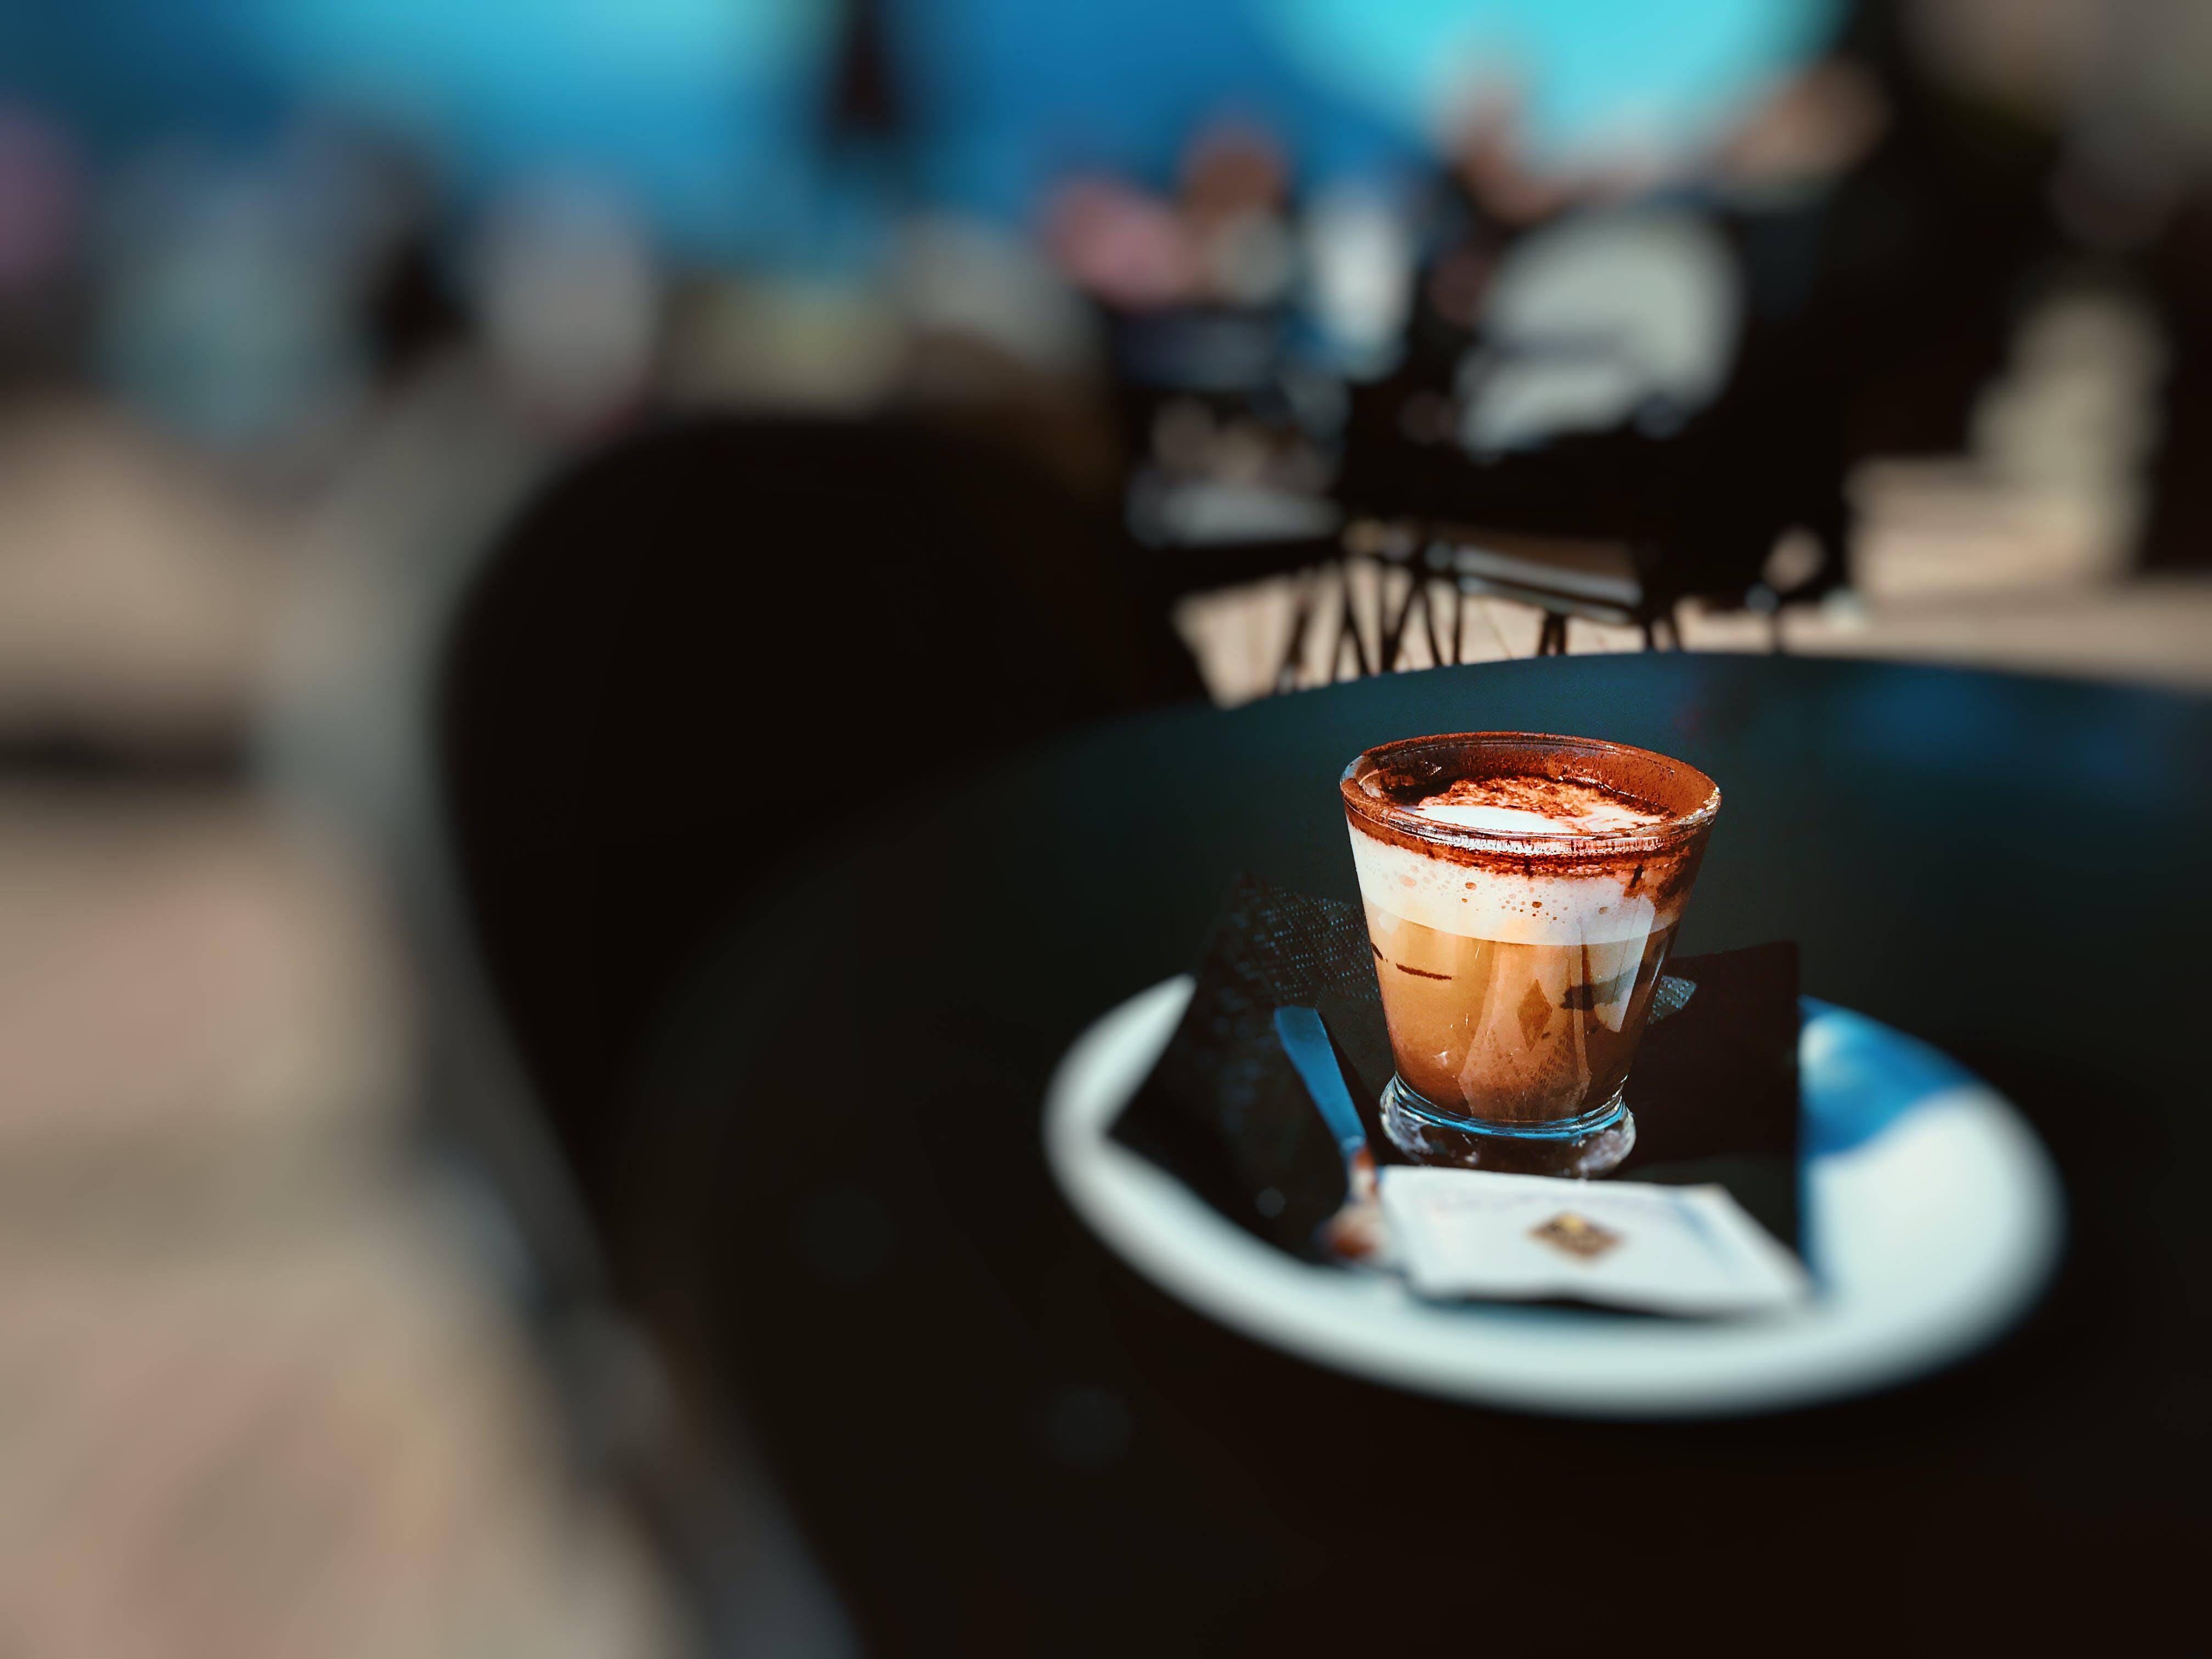 一杯咖啡, 可口的, 咖啡, 咖啡因 的 免費圖庫相片